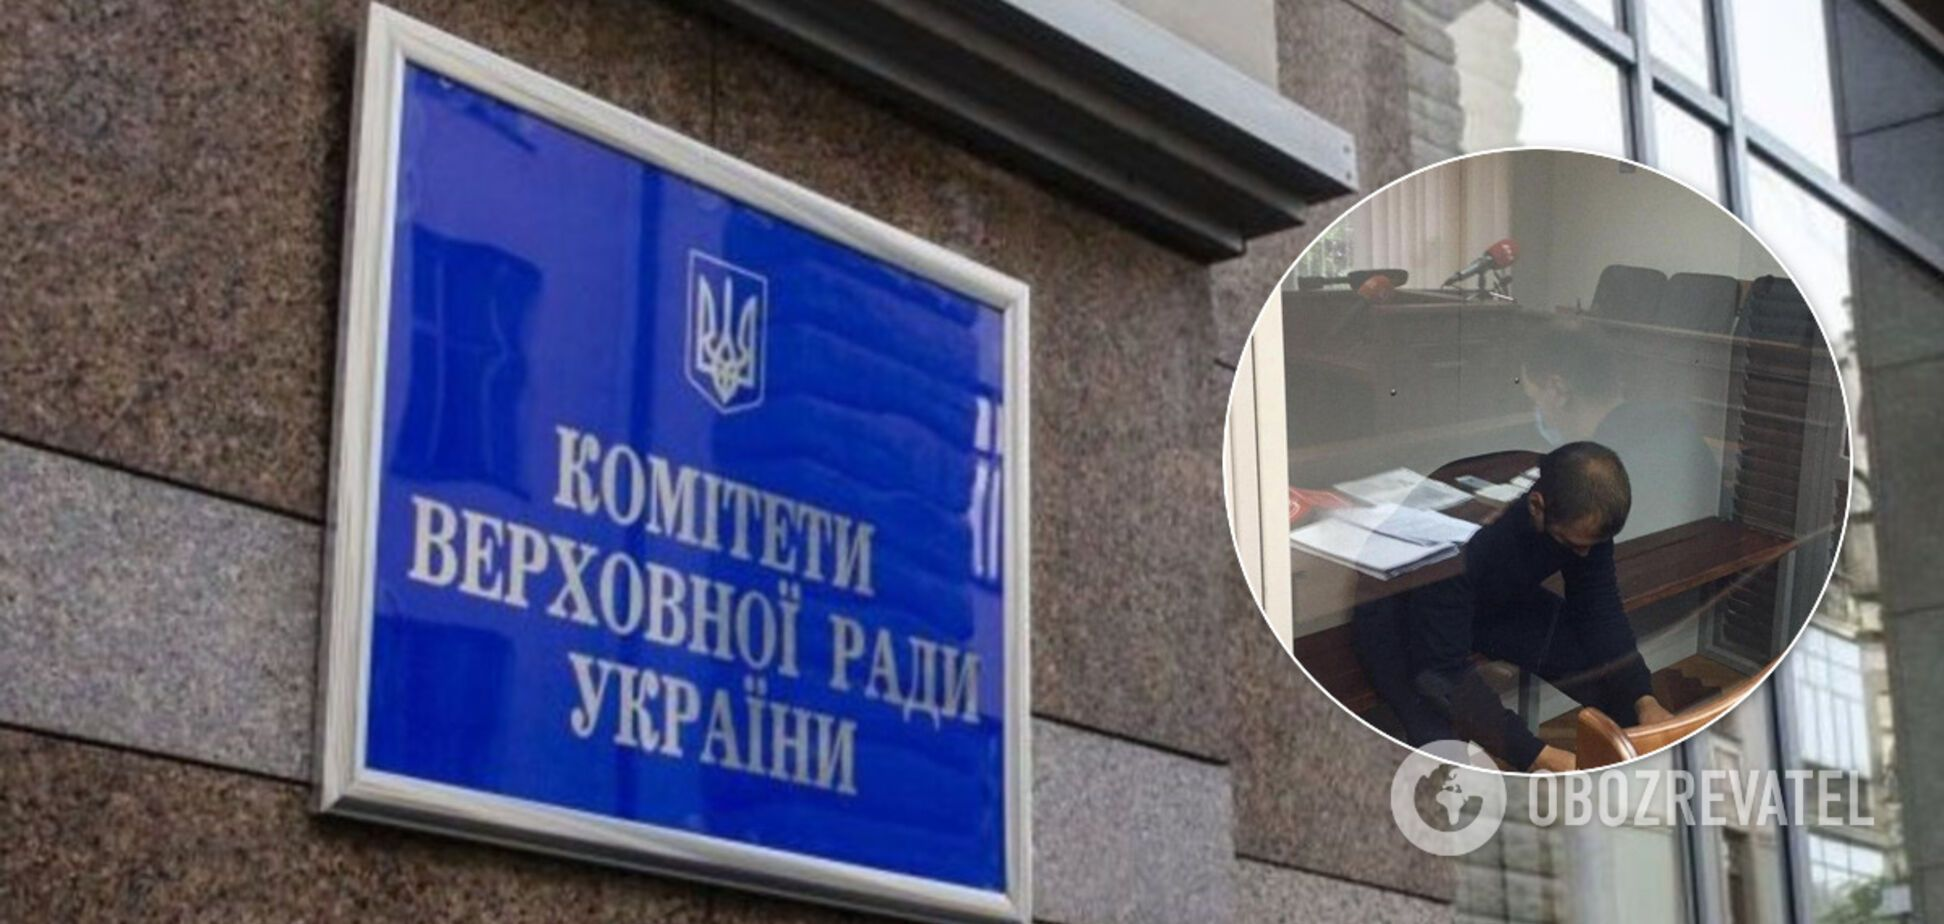 Правоохоронний комітет Ради терміново збереться через зґвалтування в Кагарлику